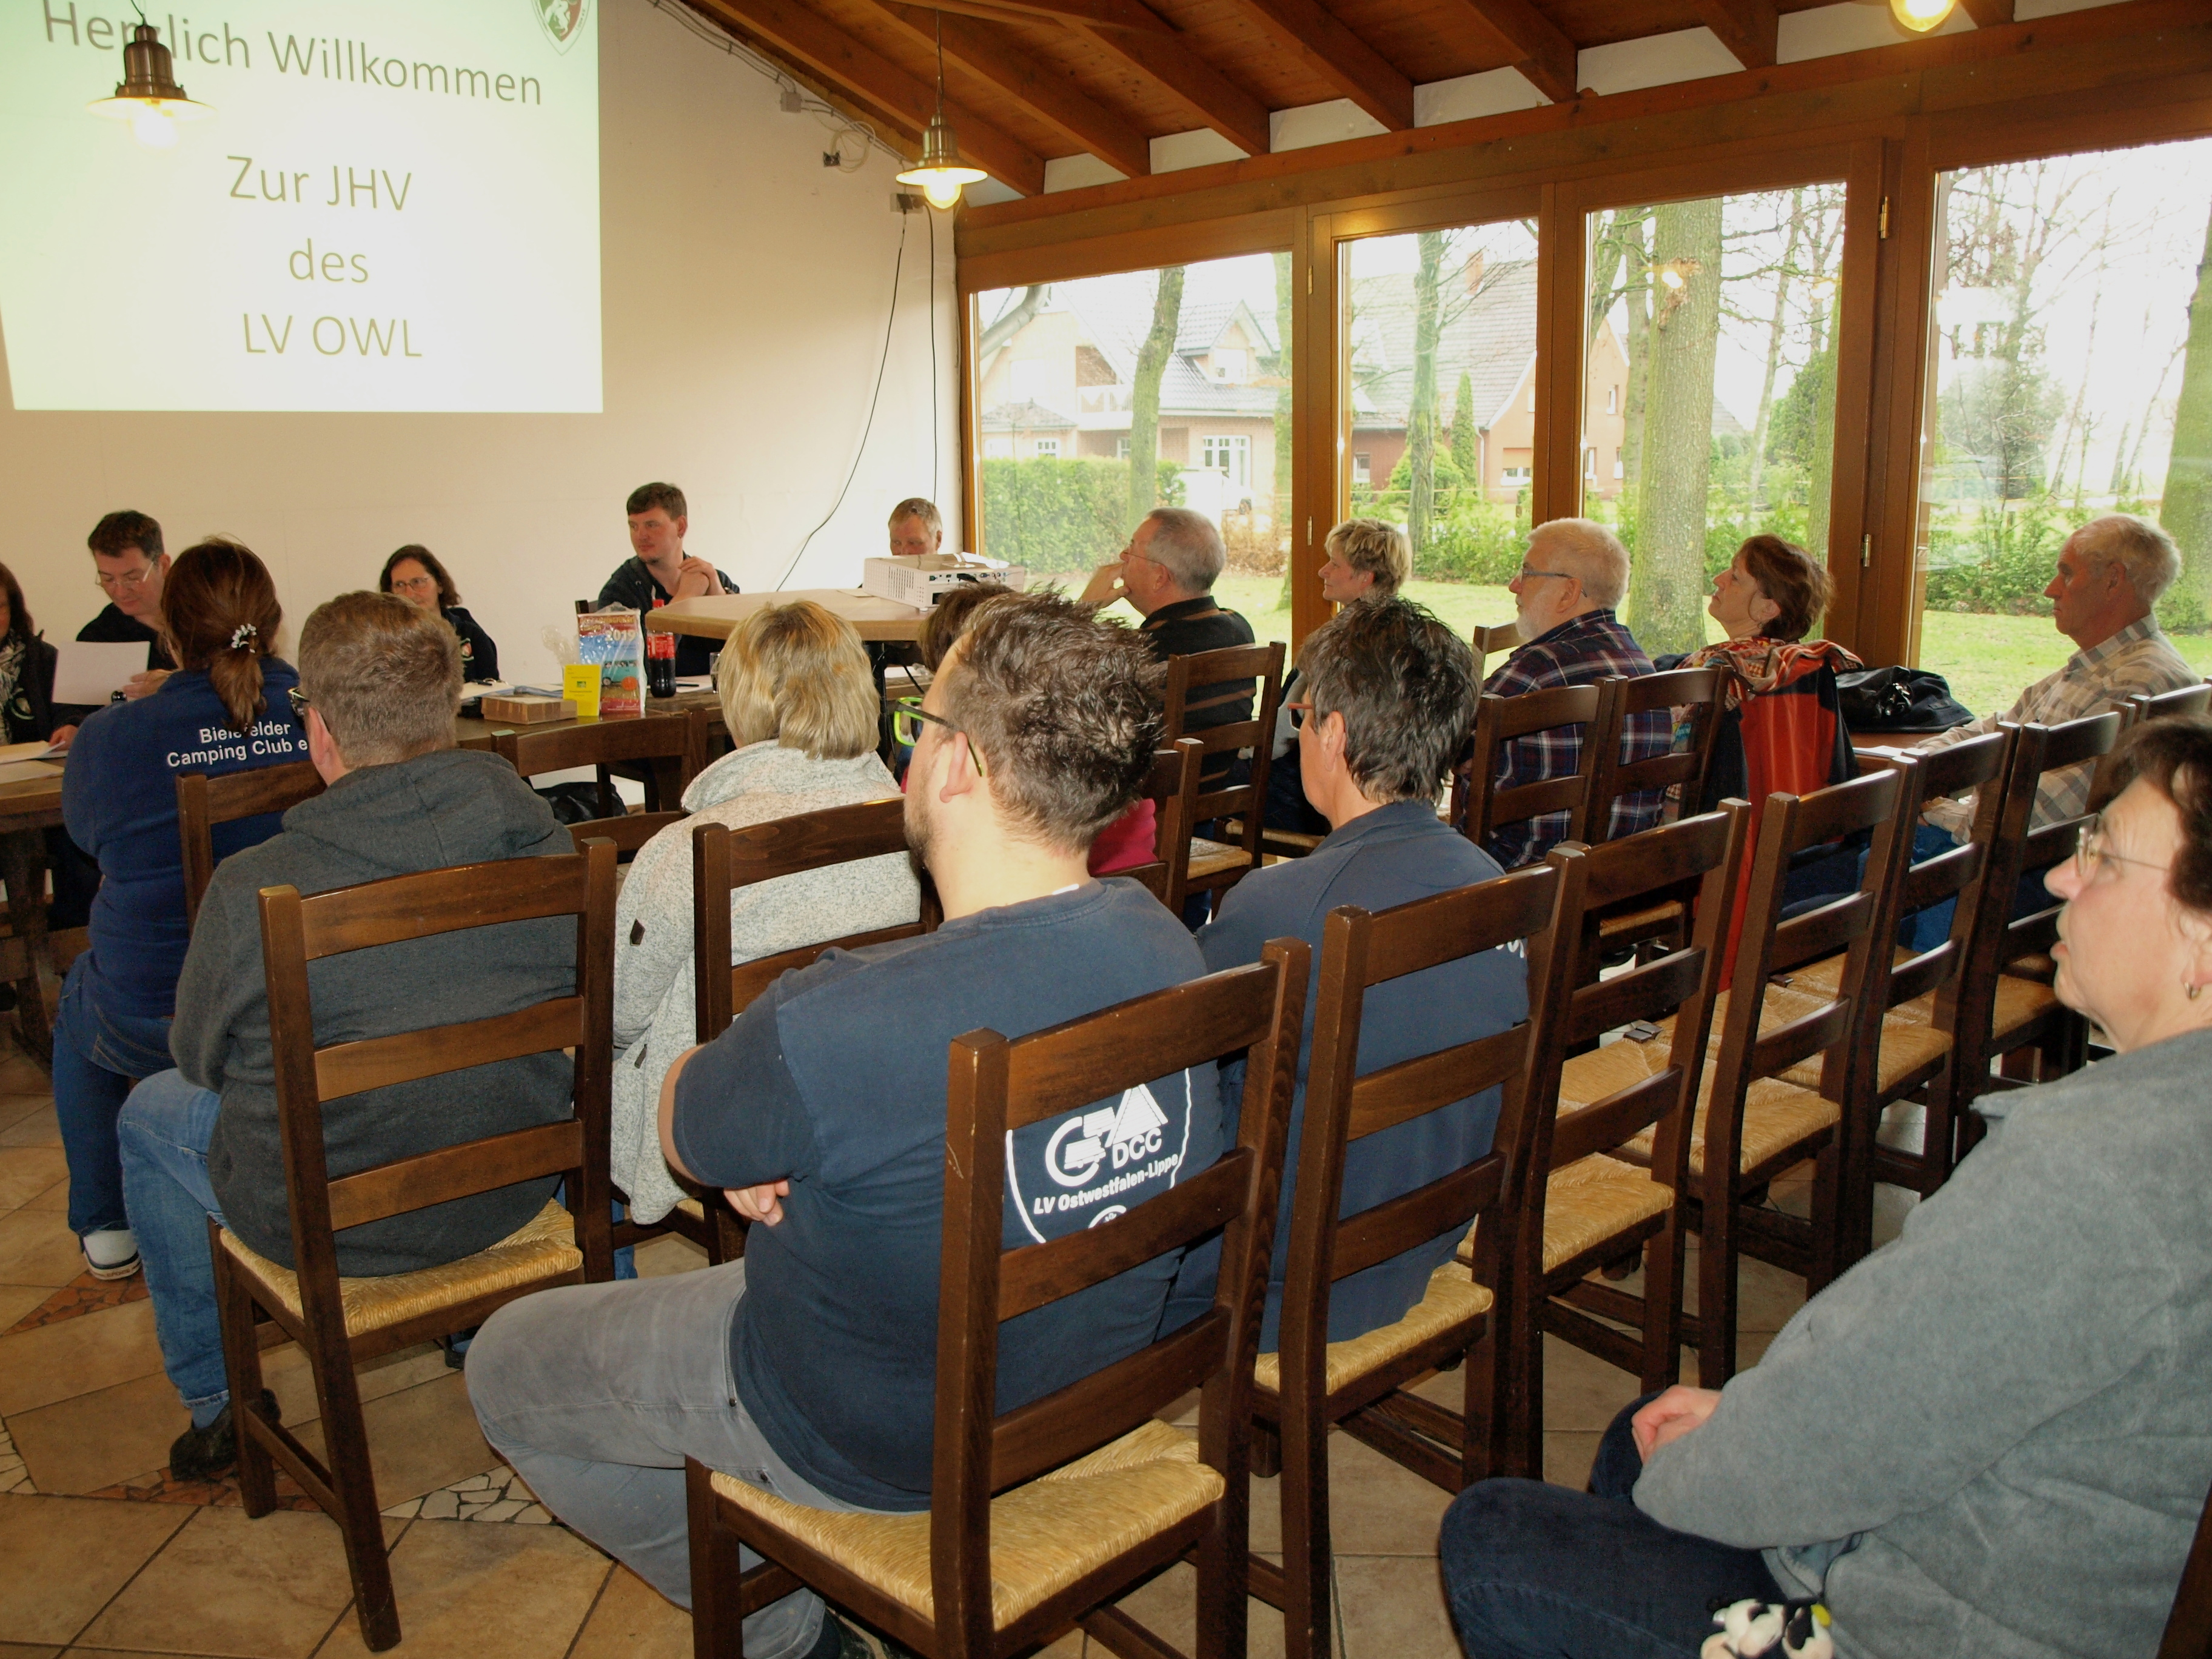 LVA-Frühjahrssitzung und Jahreshauptversammlung des LV OWL 2019